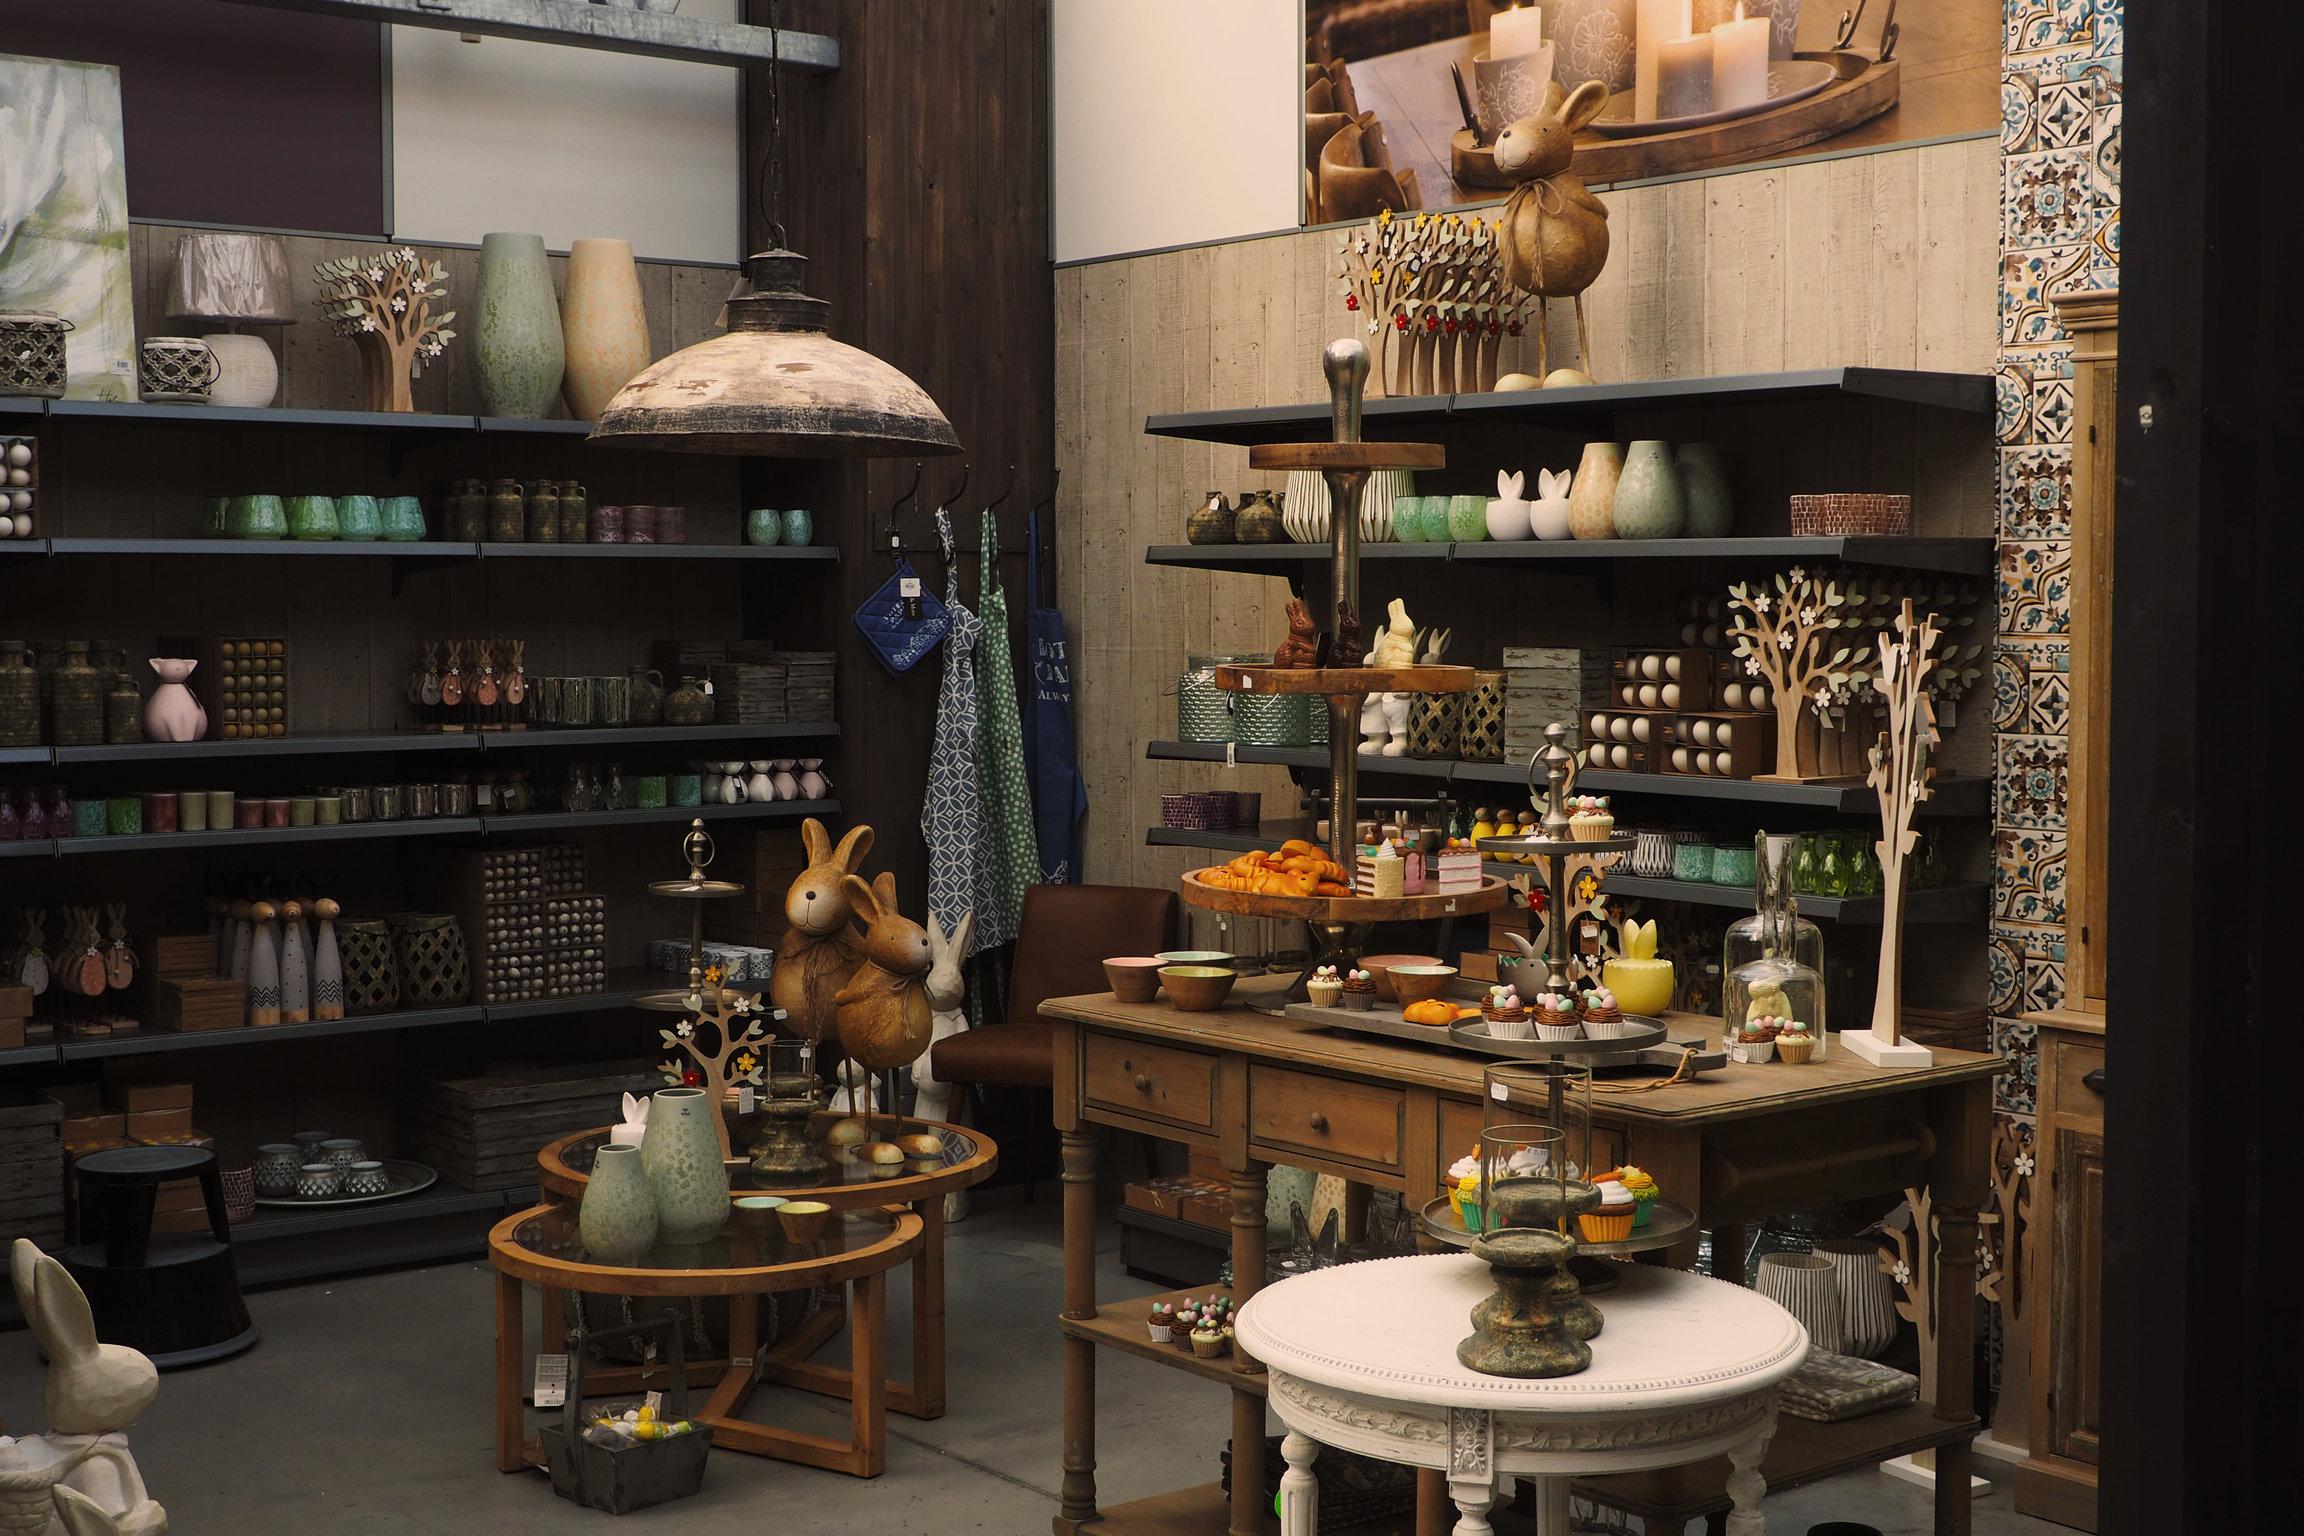 Interieur & decoratie - Producten - Tuincentrum Thiels